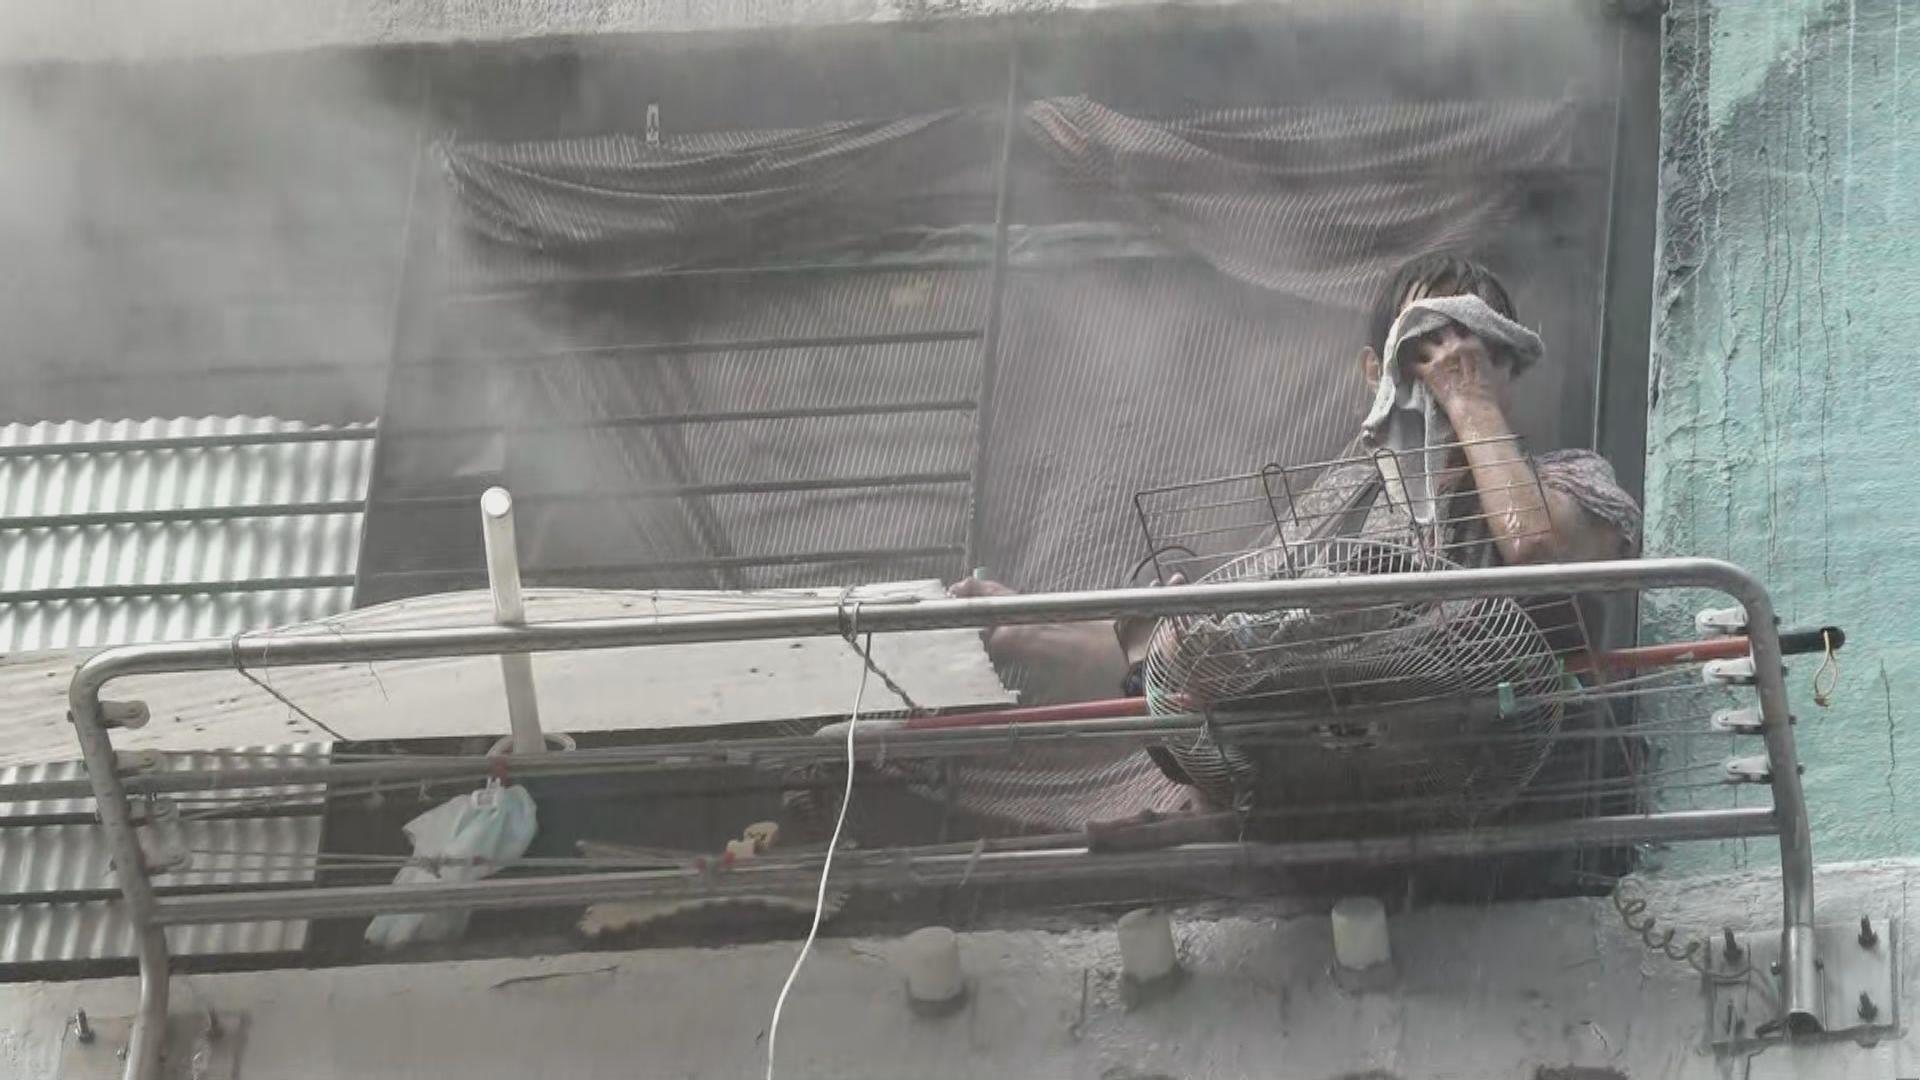 瀝源邨三級火 一名婆婆一度被困窗外晾衫架後獲救